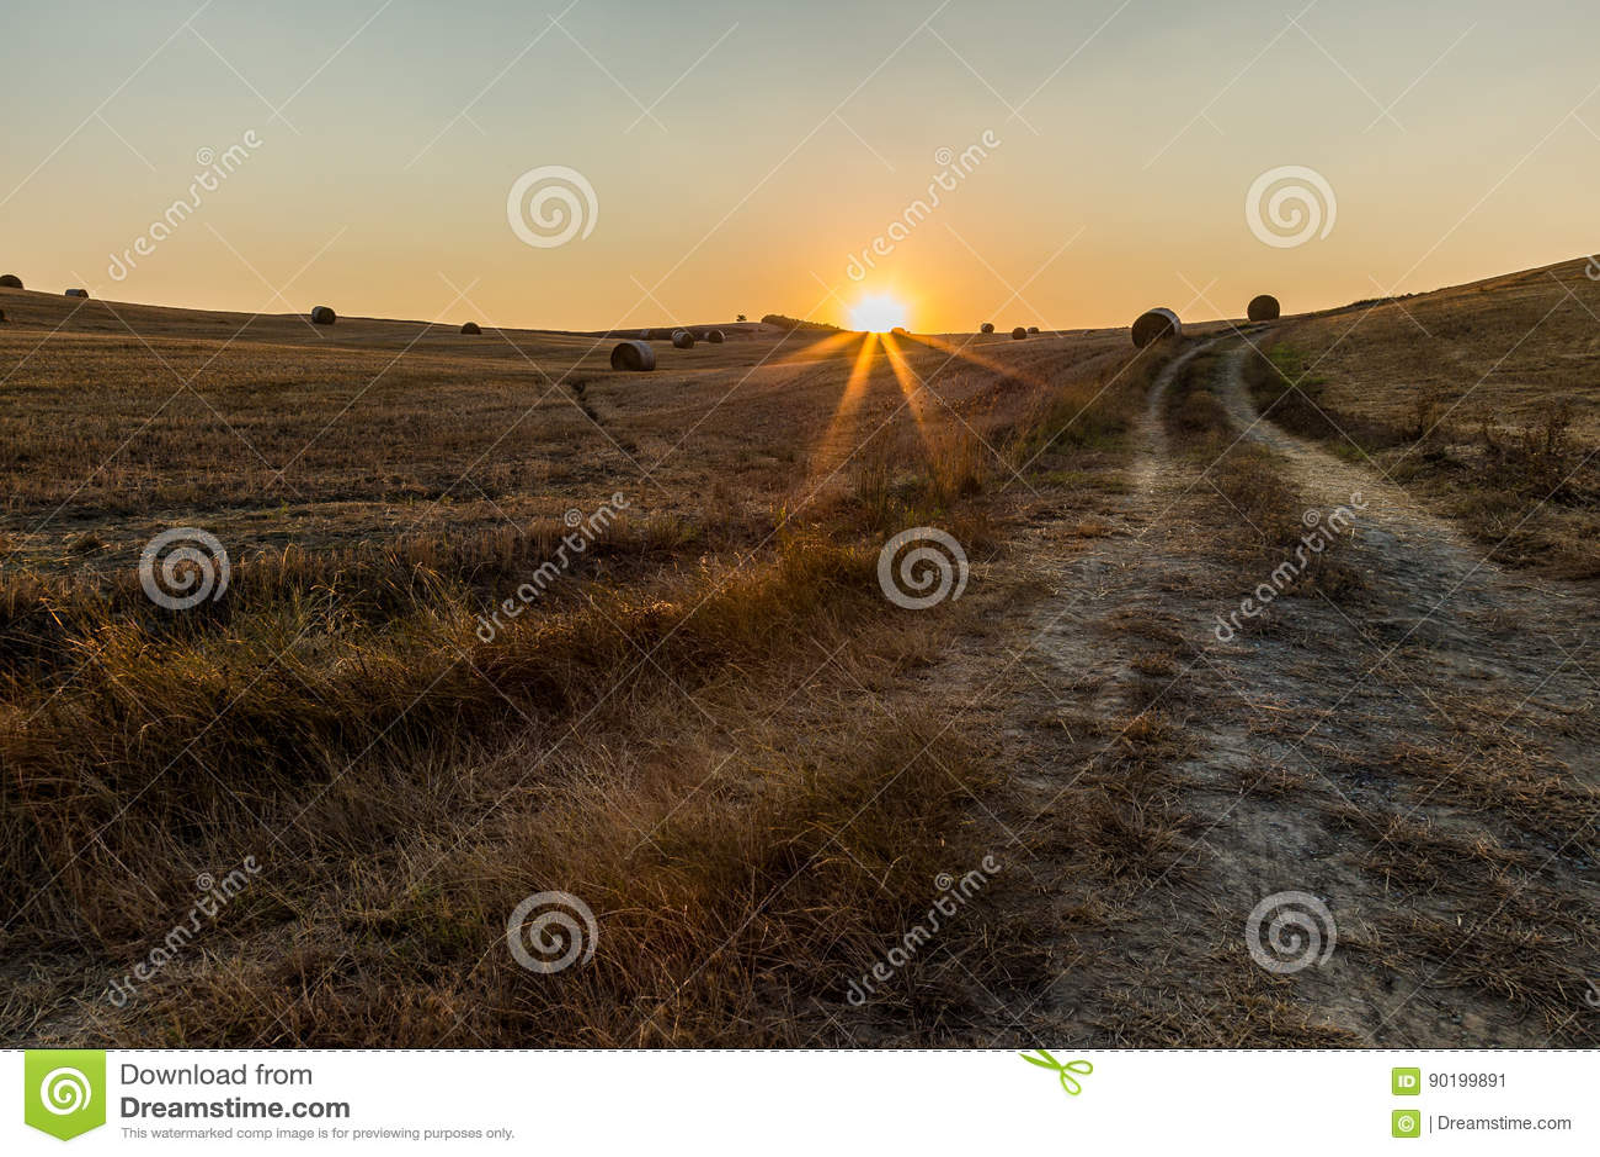 Tuscany sunset